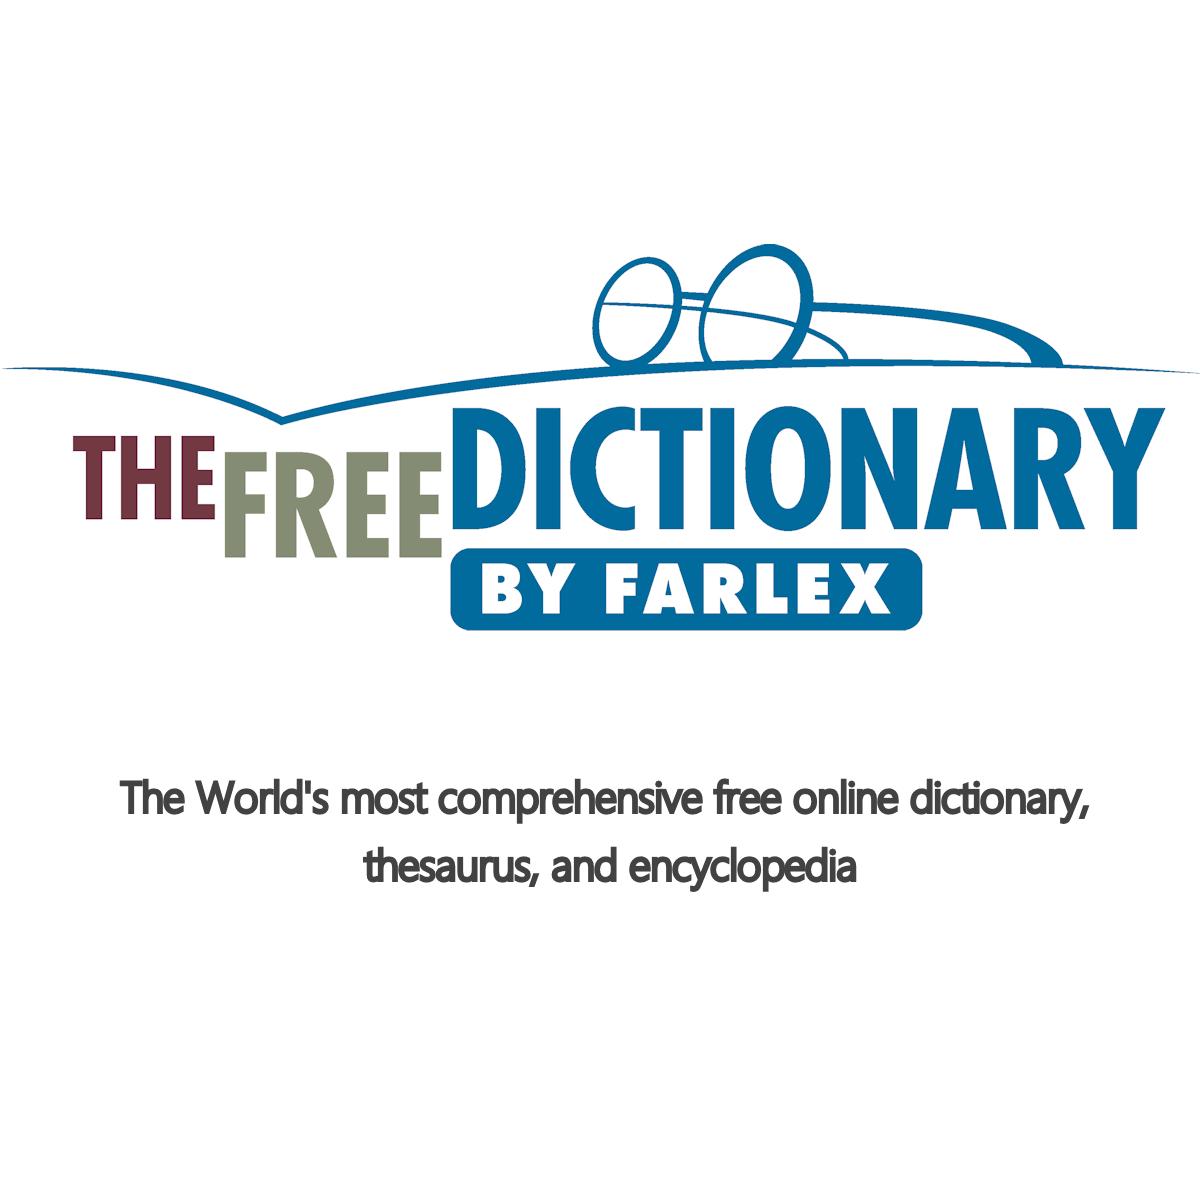 thefreedictionary.com Favicon